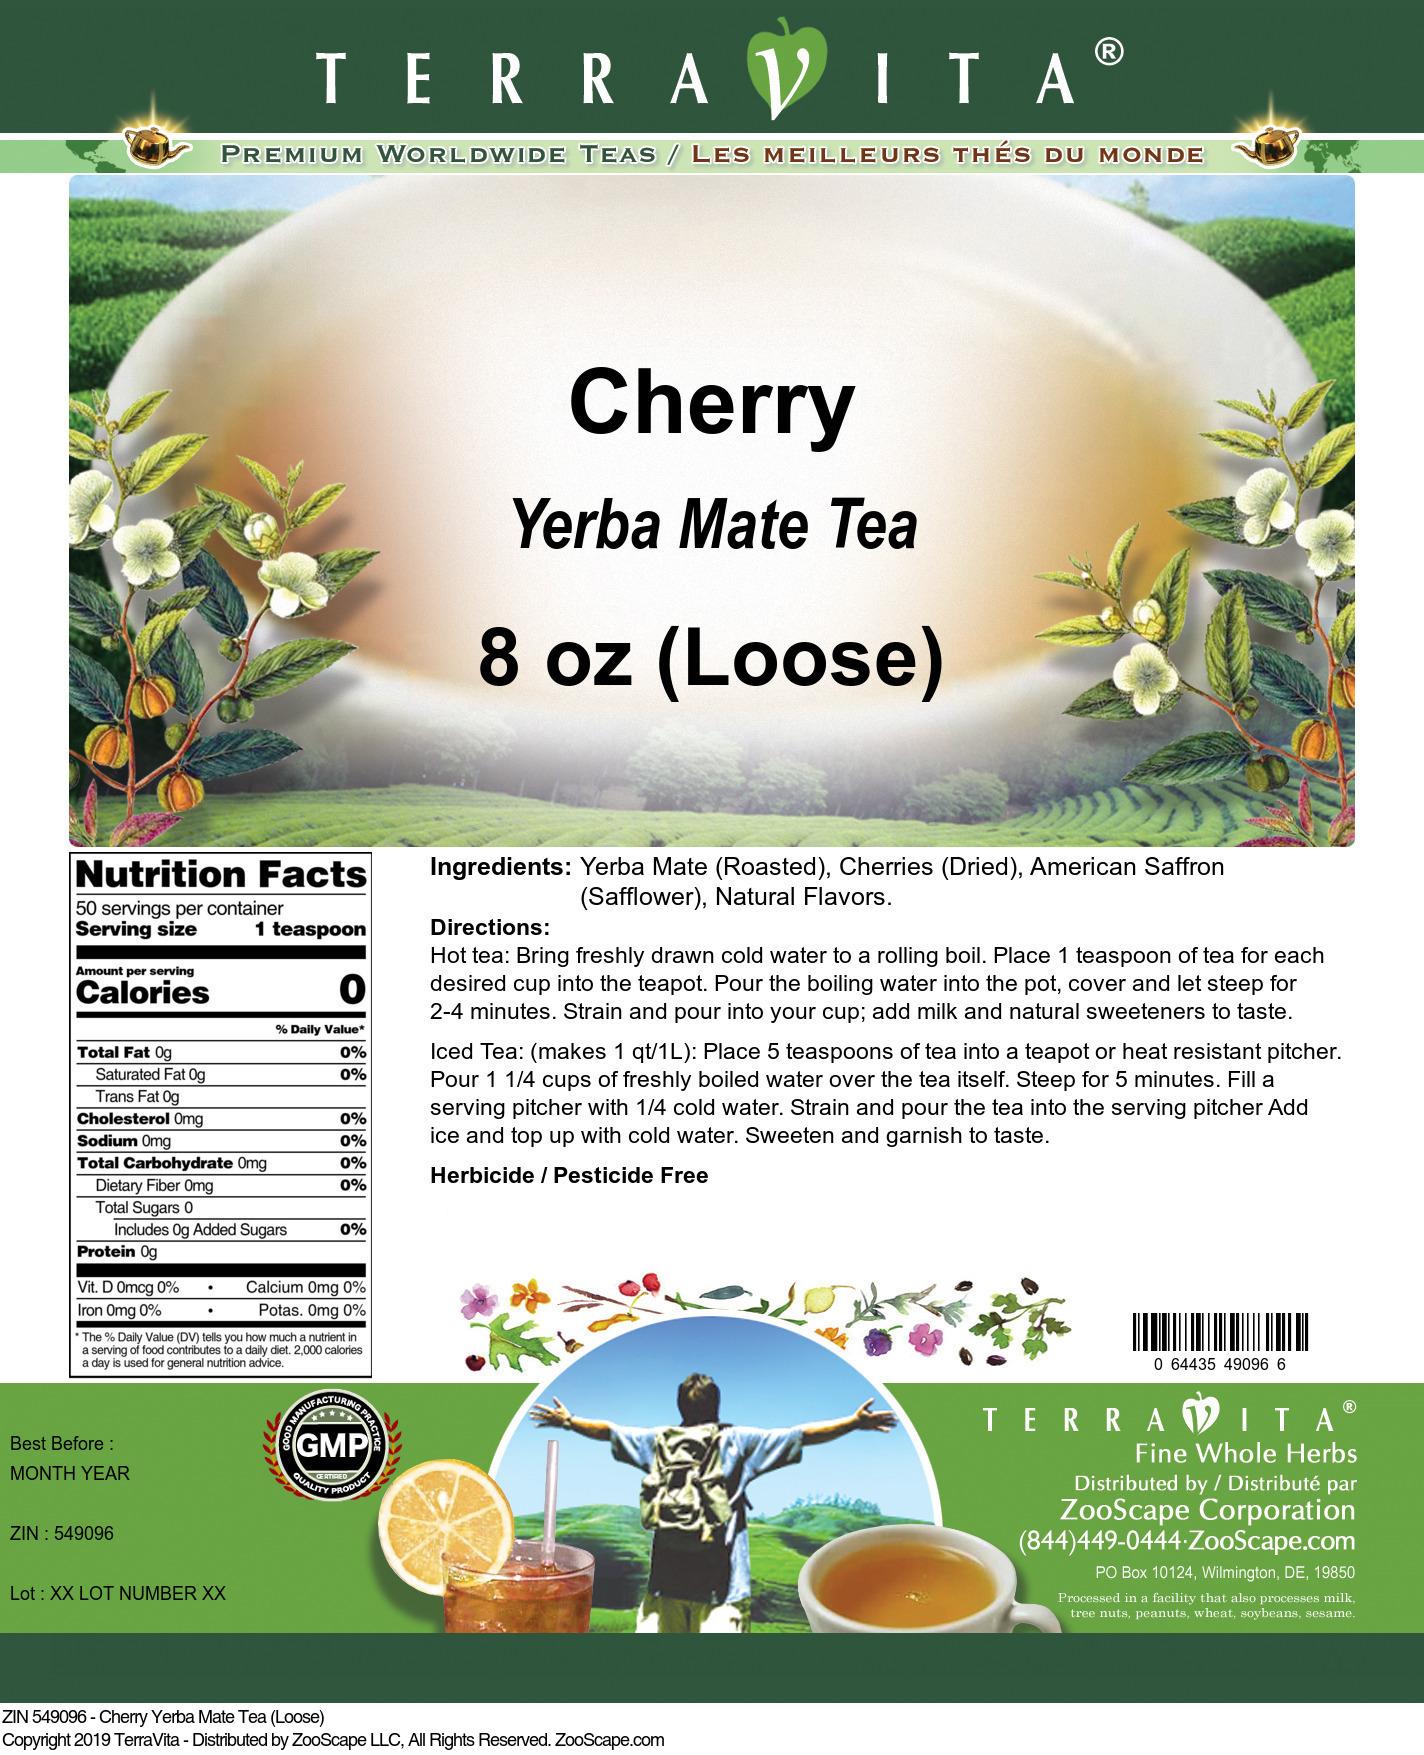 Cherry Yerba Mate